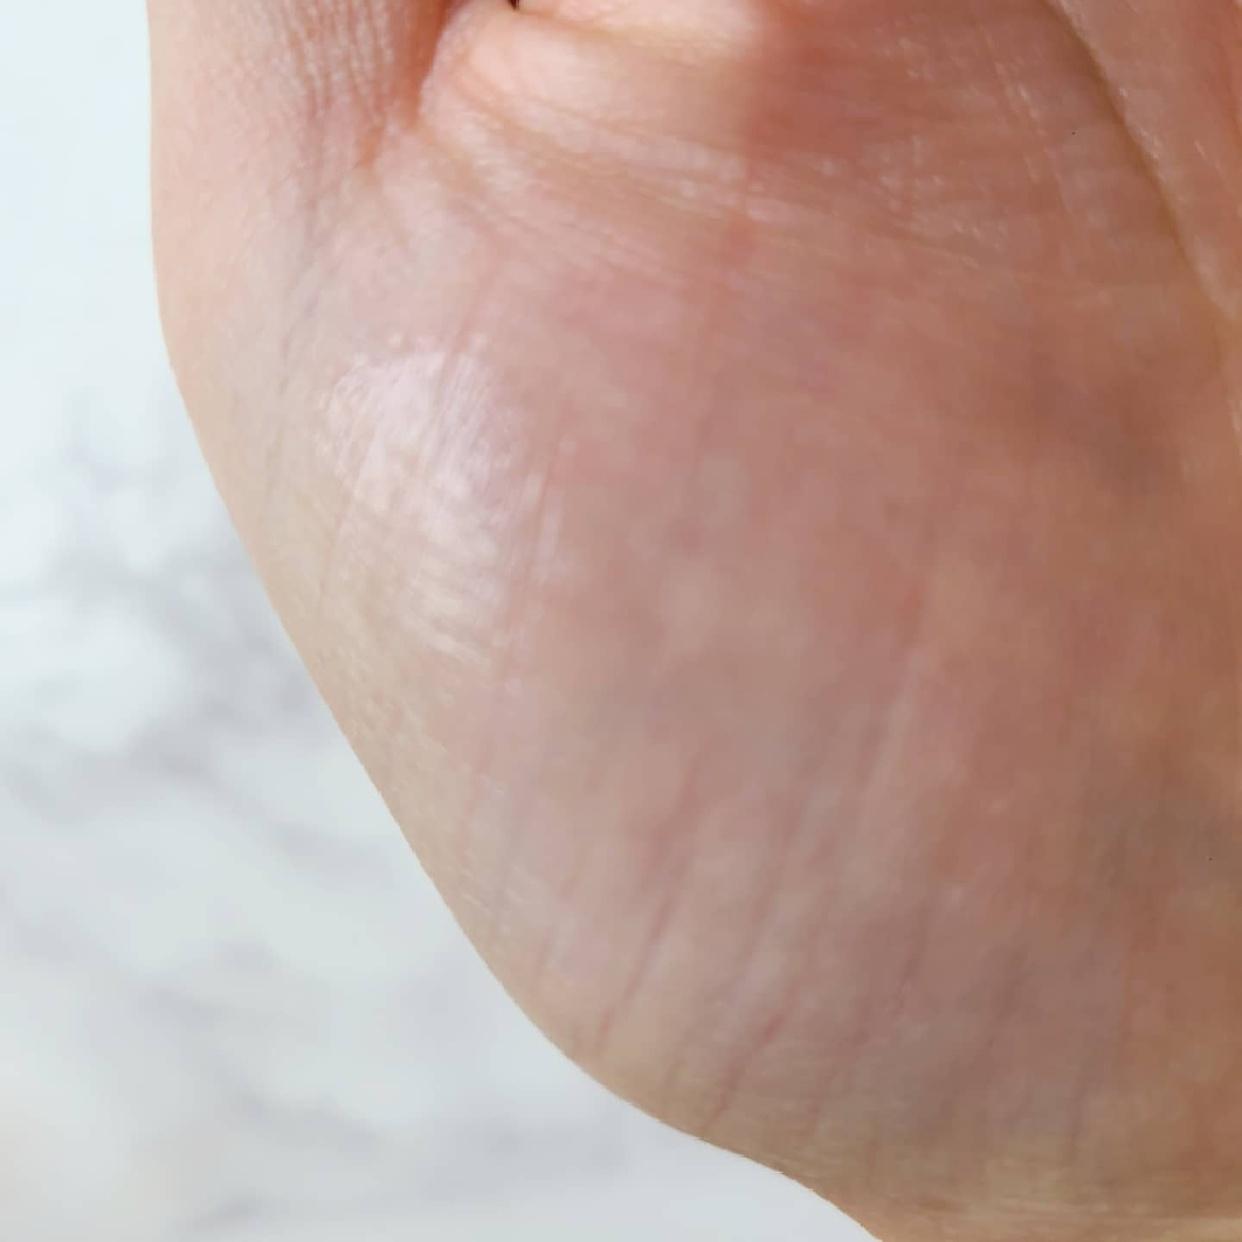 Too Faced(トゥーフェイスド) ハングオーバー  ピロー バーム リップ トリートメントの良い点・メリットに関するrougeさんの口コミ画像2